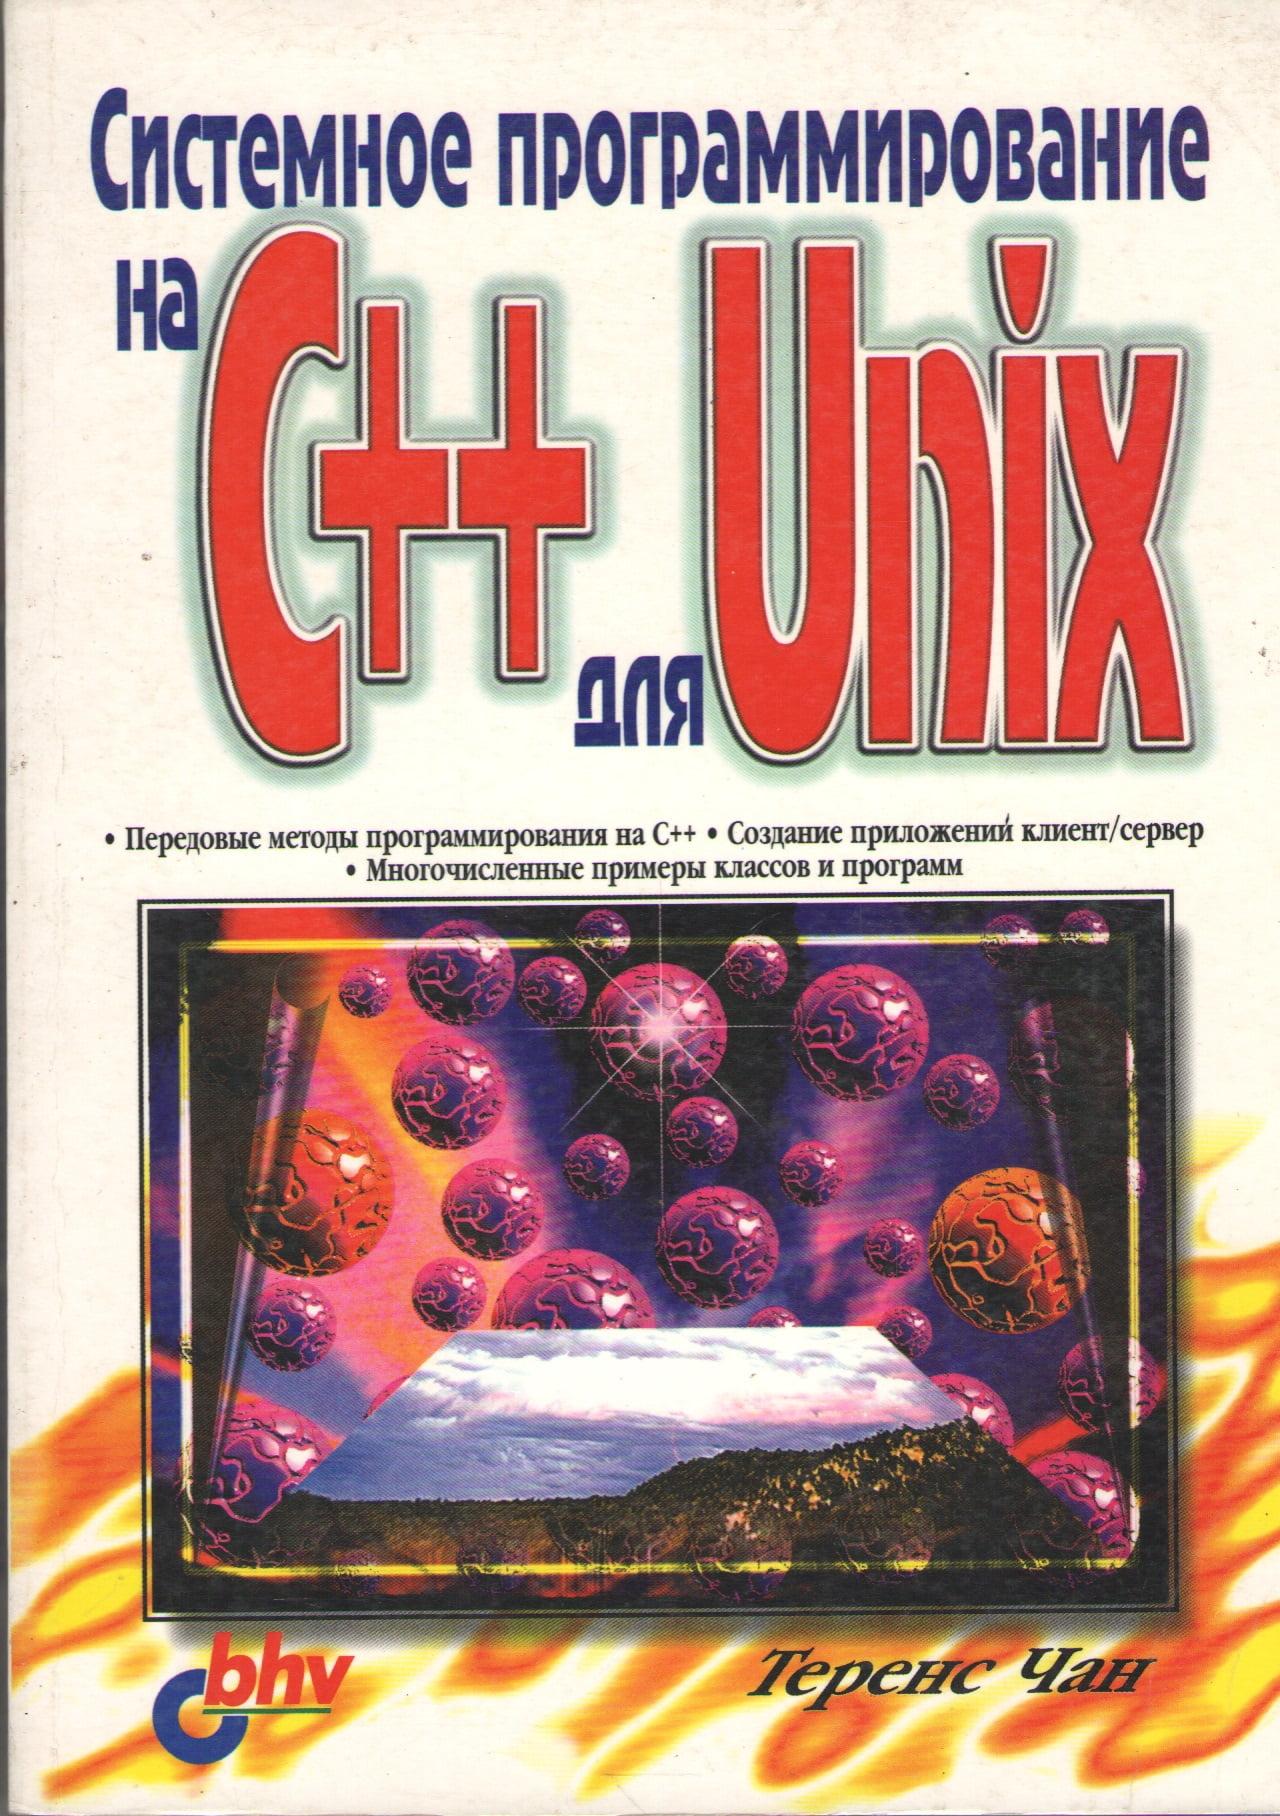 Системное программирование на C++ для Unix - фото 1